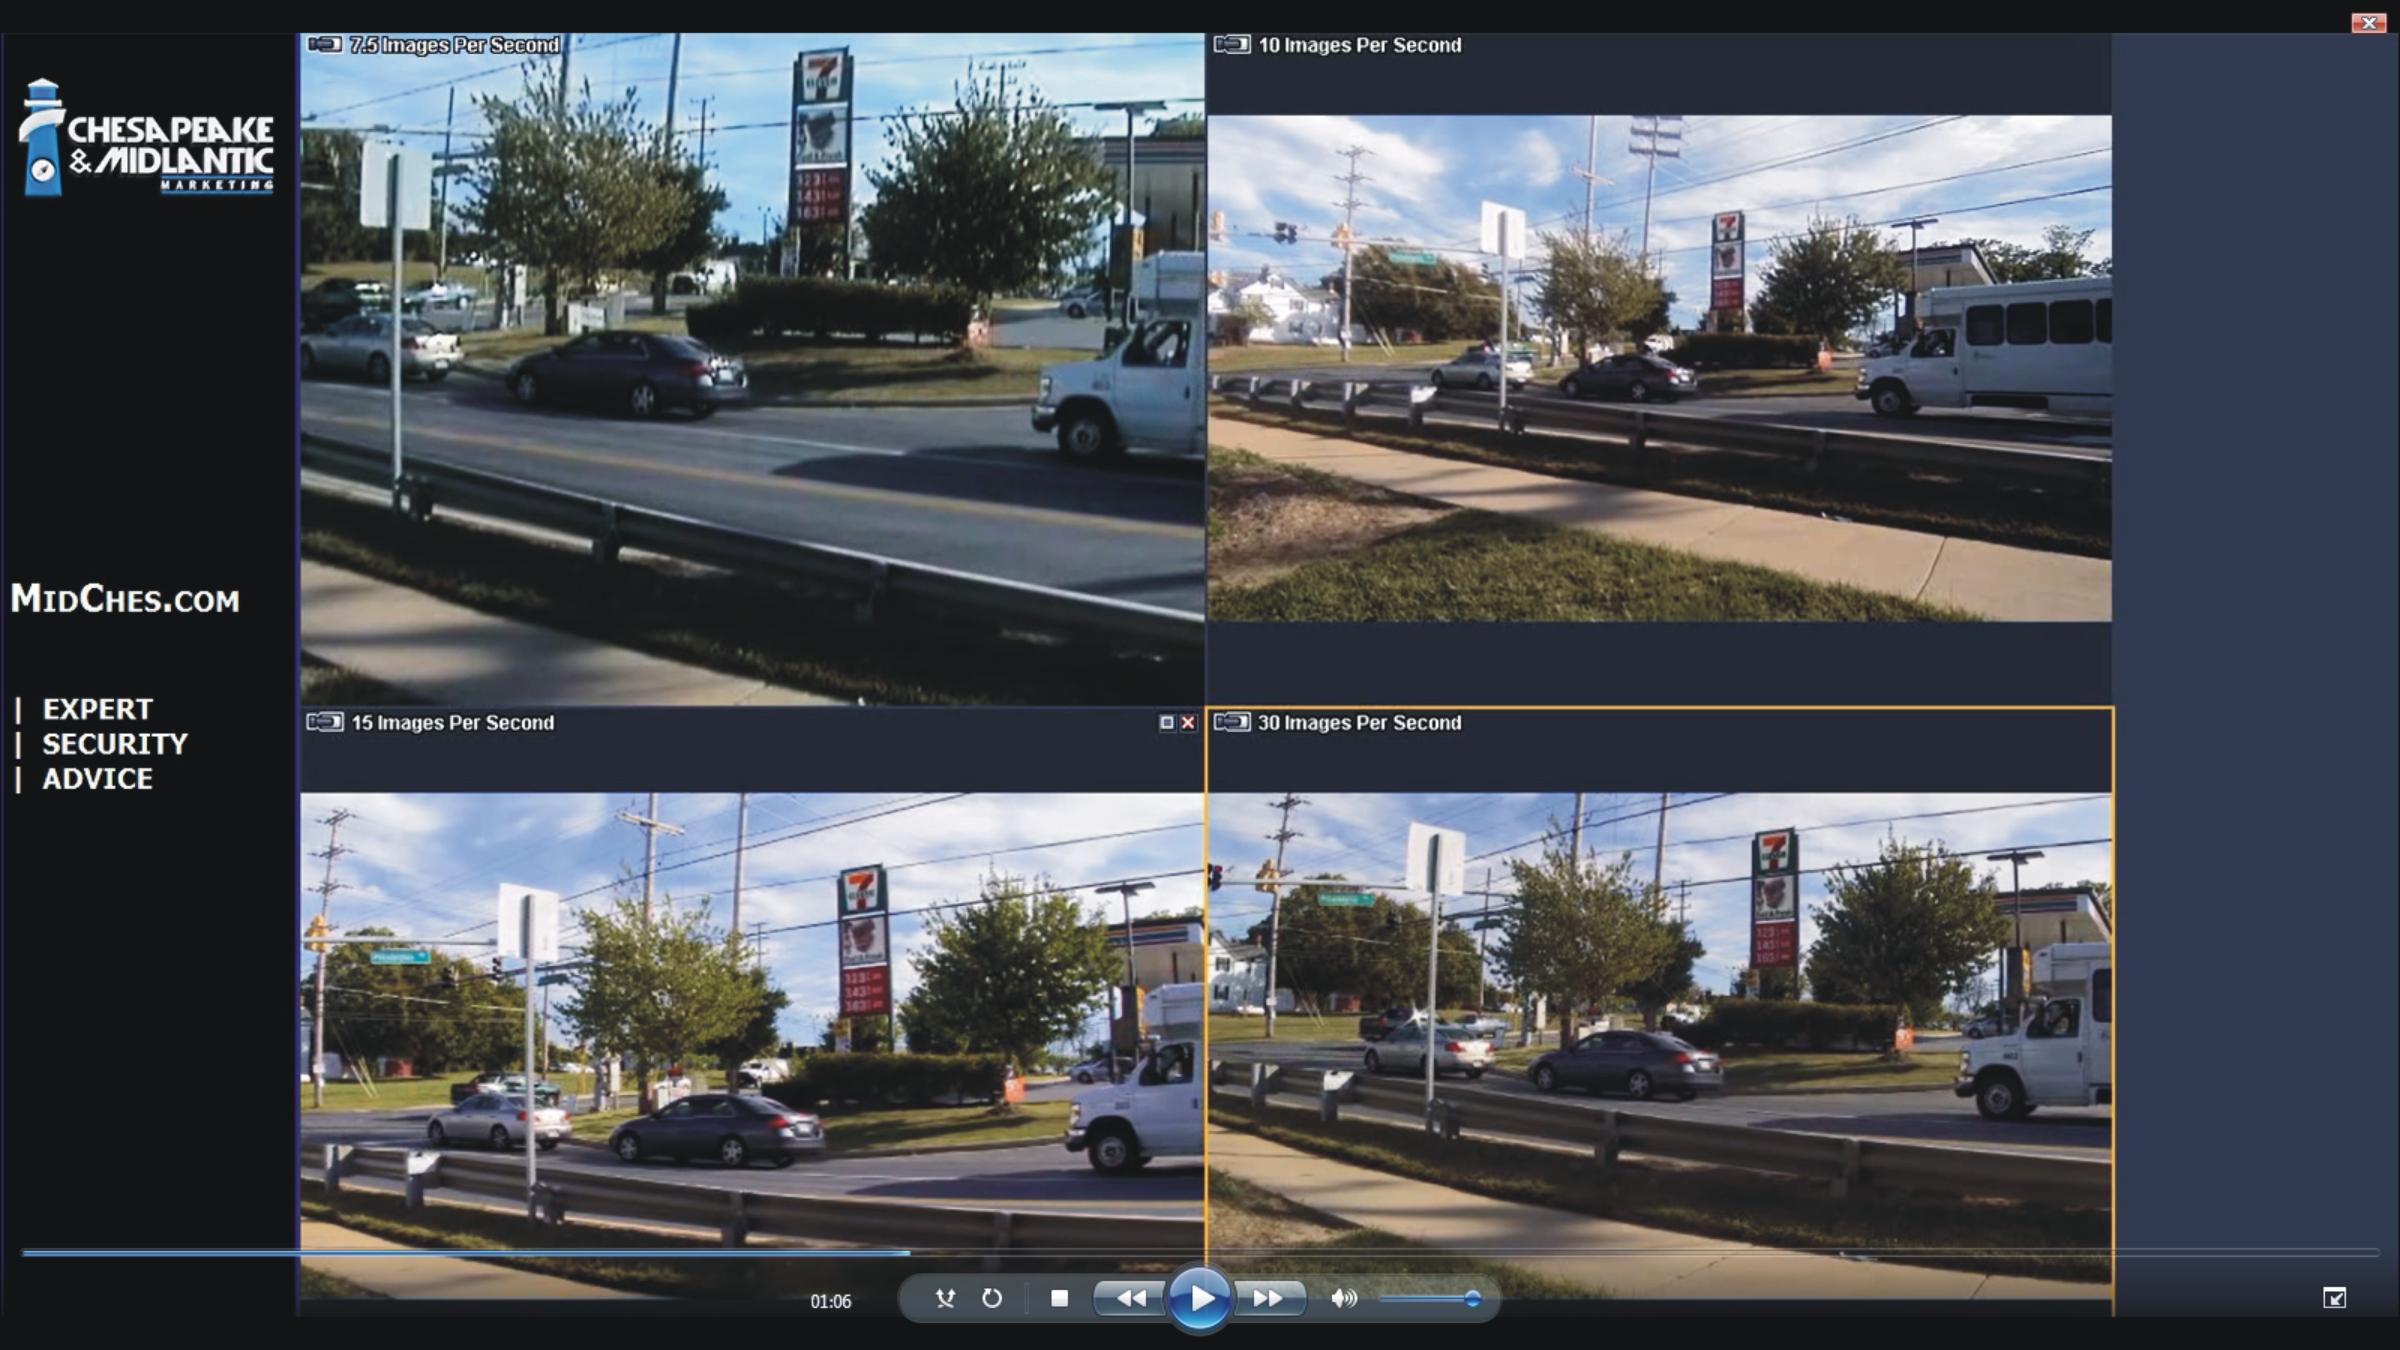 Images_Per_Second_Comparison_video_thumbnail